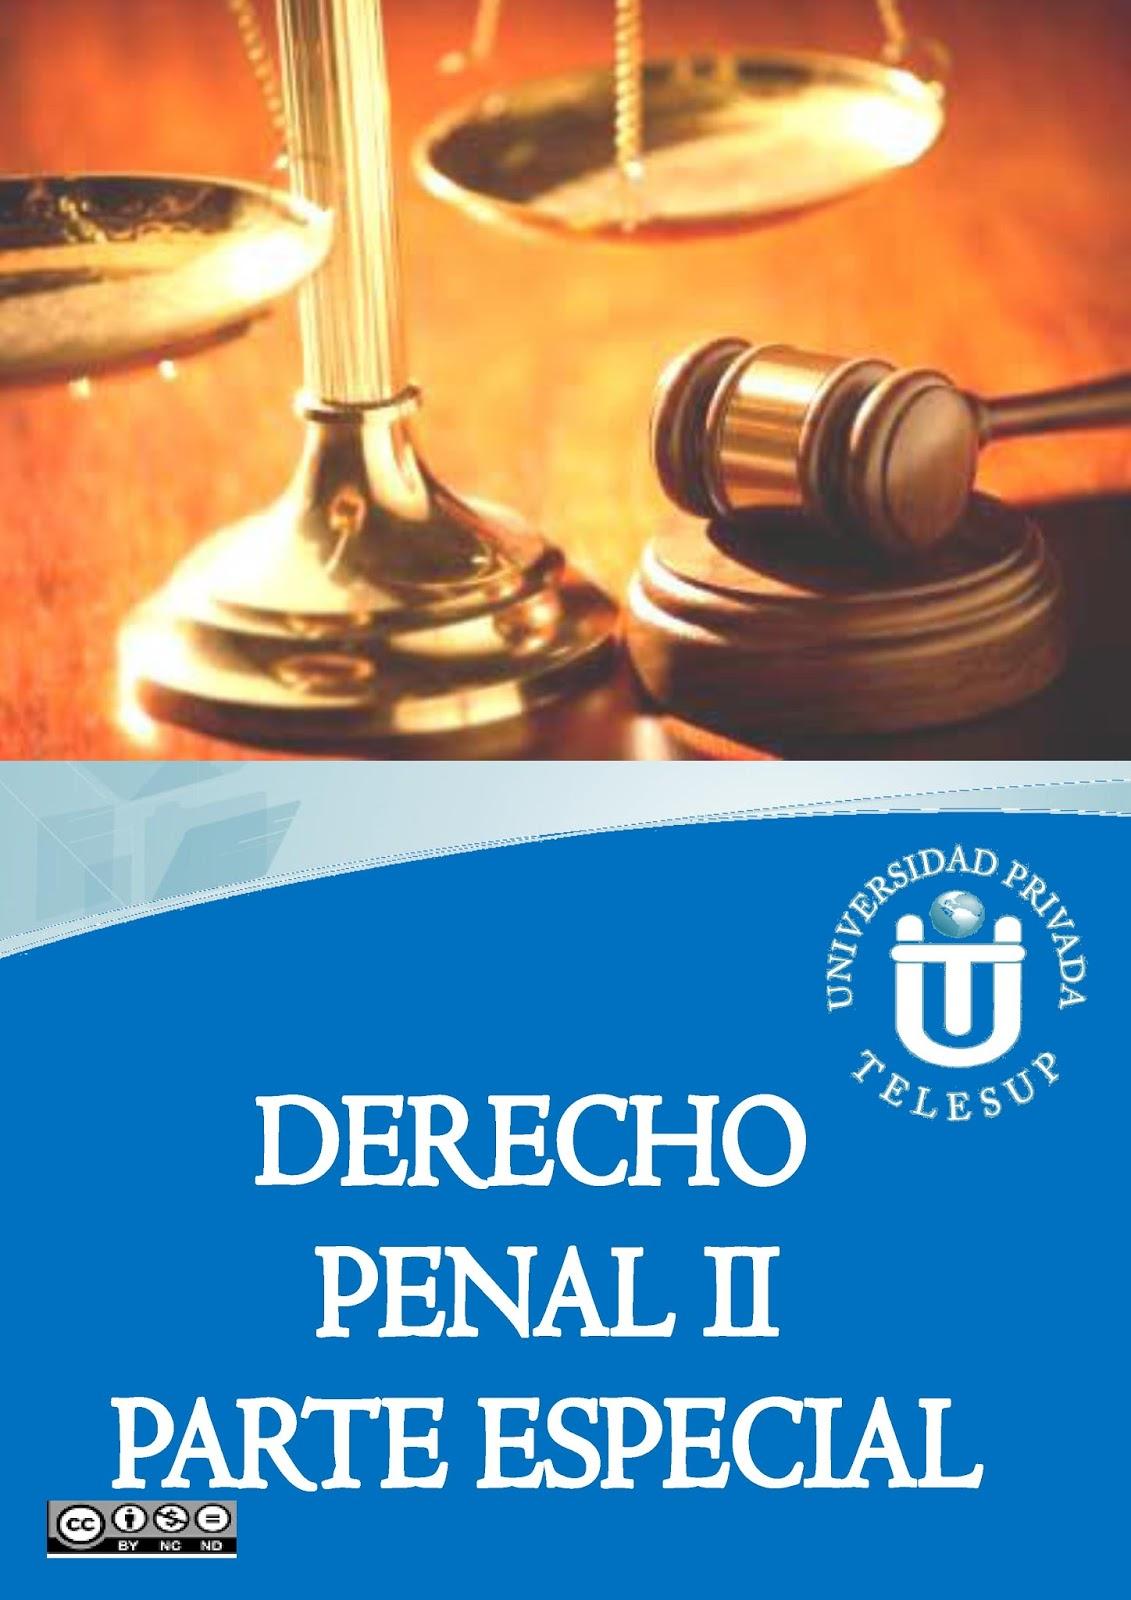 Derecho penal II parte especial – TELESUP